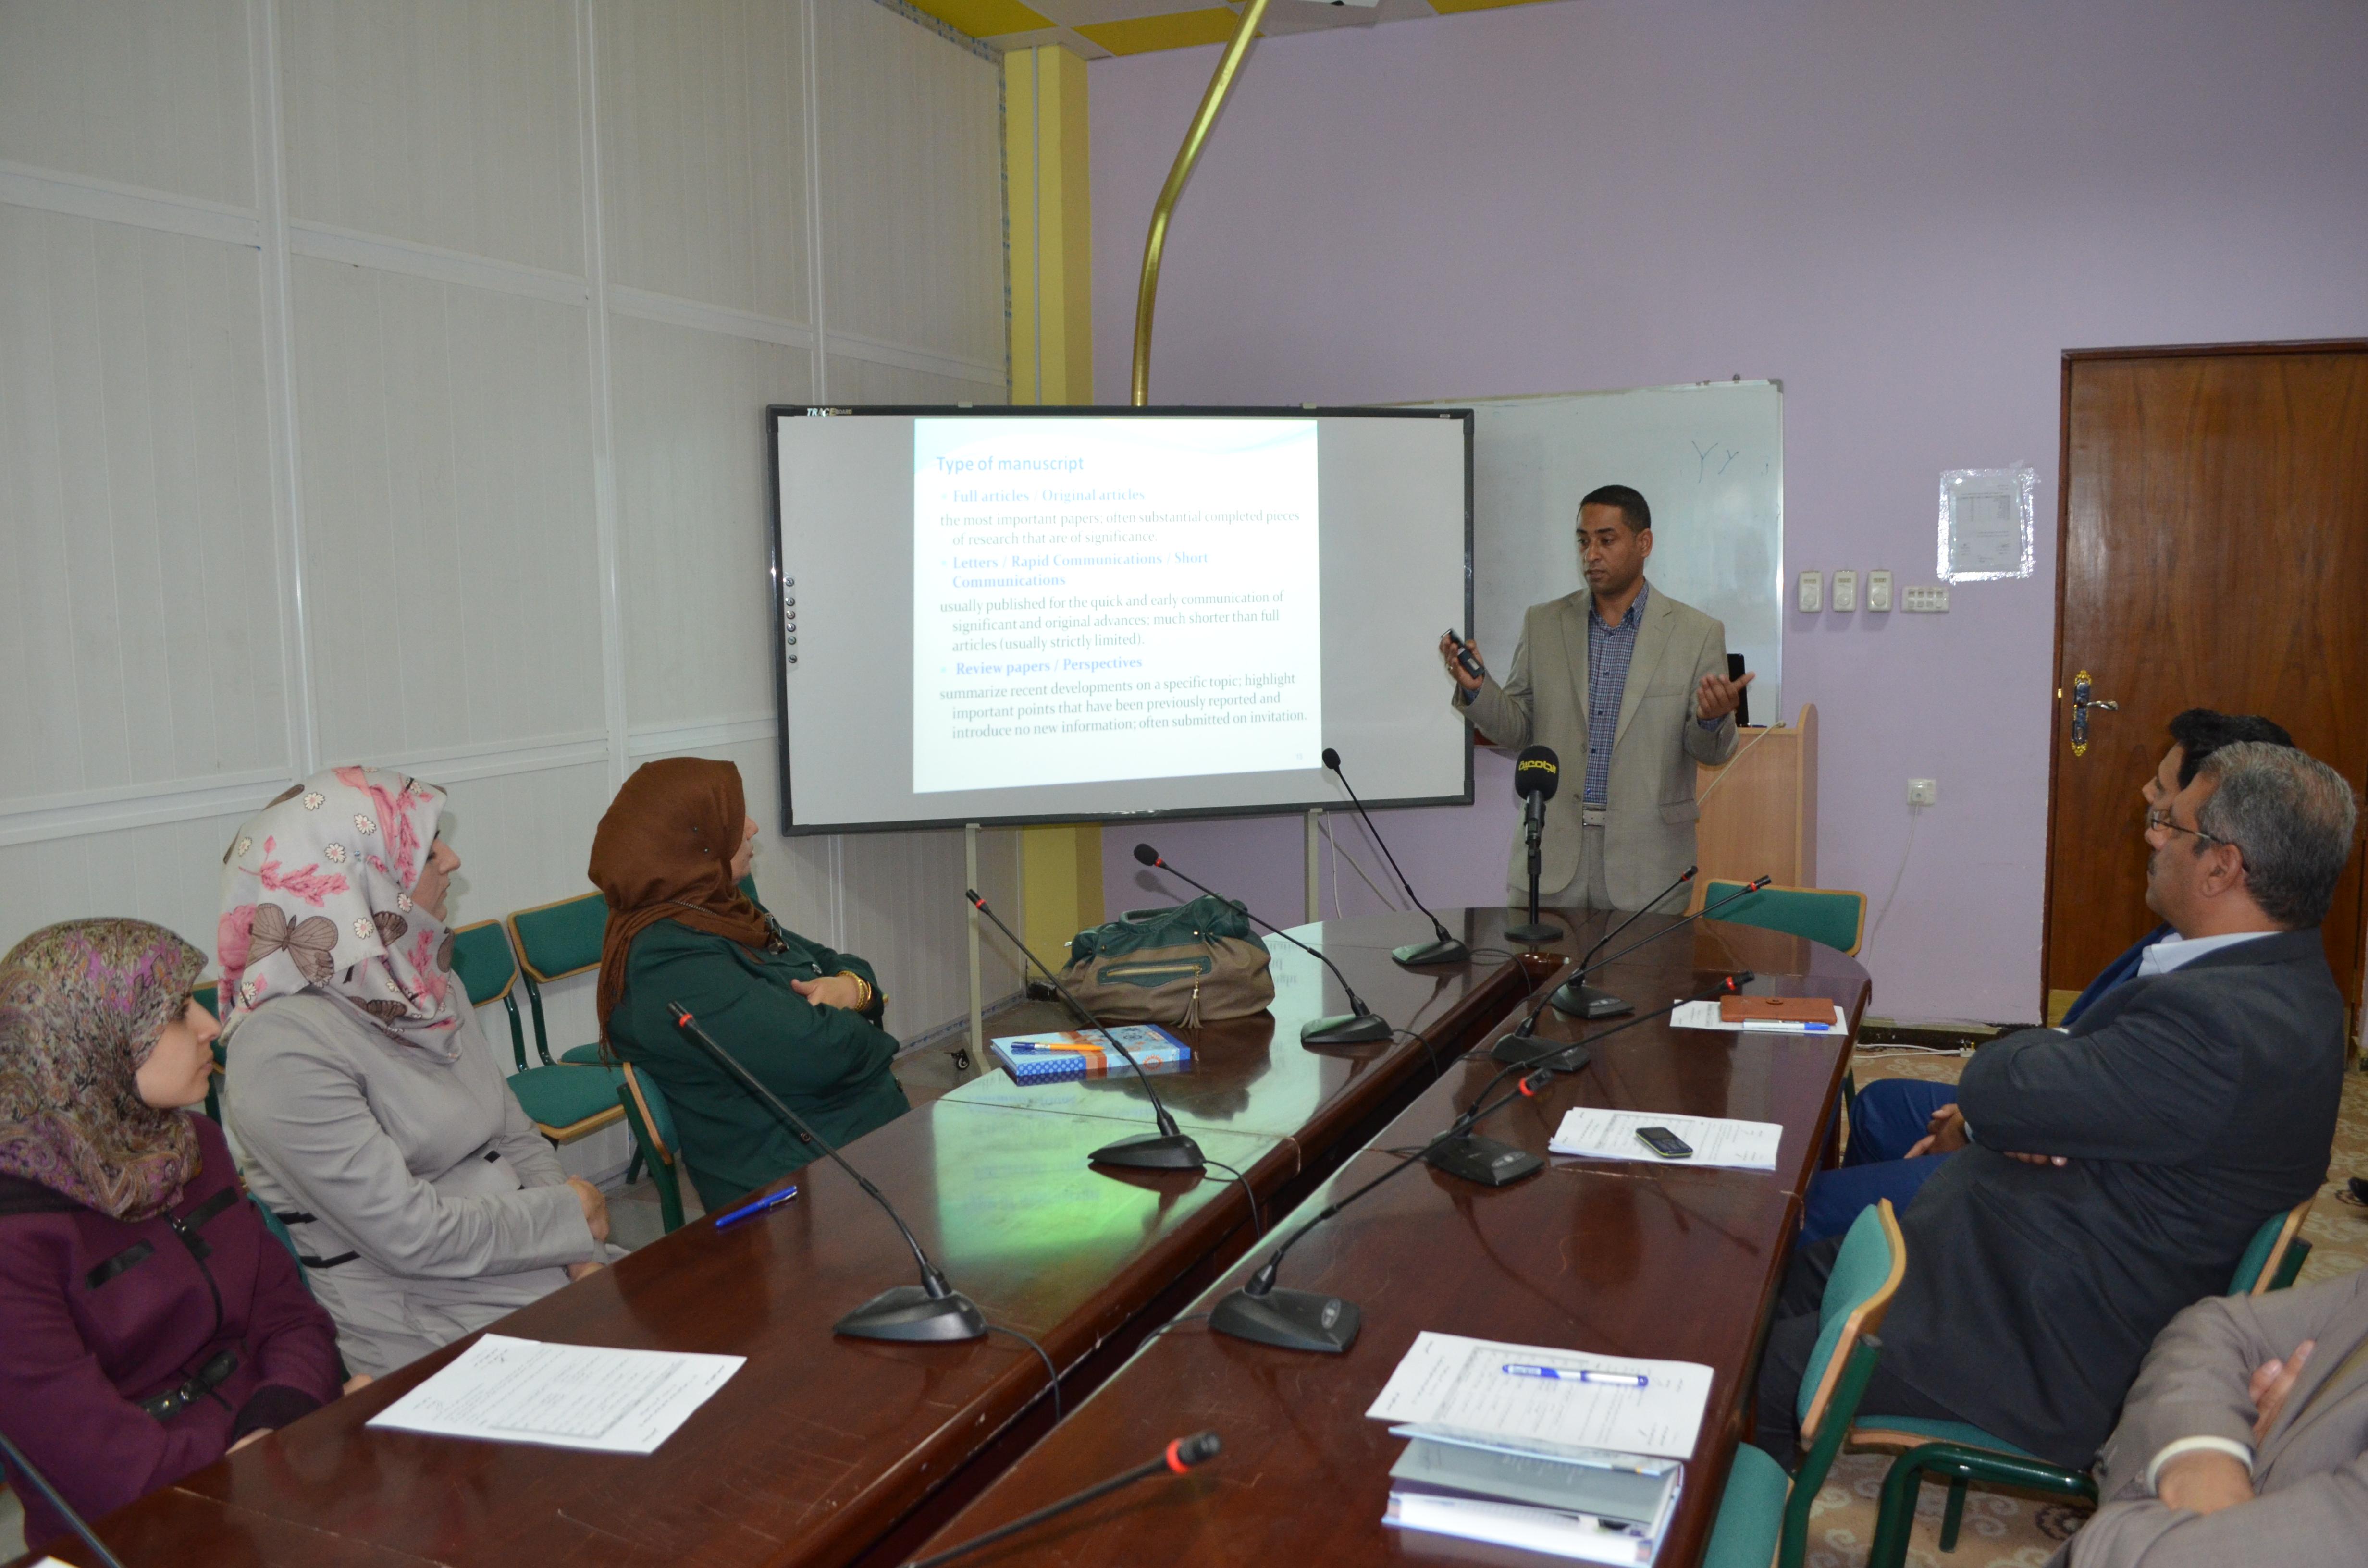 التعليم المستمر يقيم دورته الخامسة عشر في مناهج وطرائق التدريس لكوكبة جديدة من تدريسيي الجامعة